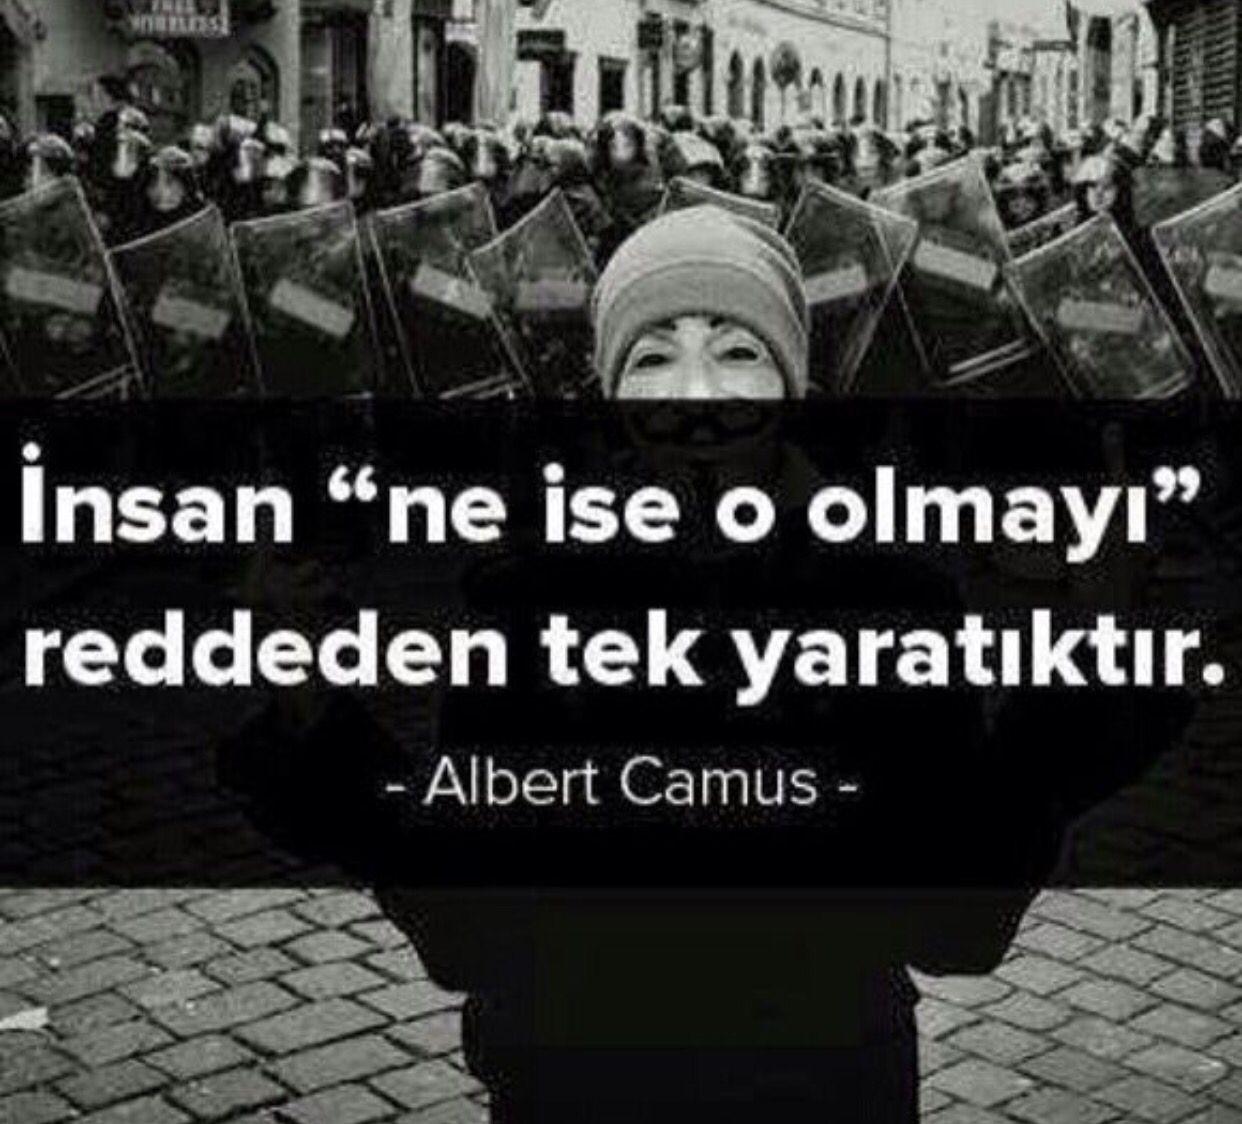 """insan """"ne ise o olmayı"""" reddeden tek yaratıktır.  Albert Camus"""